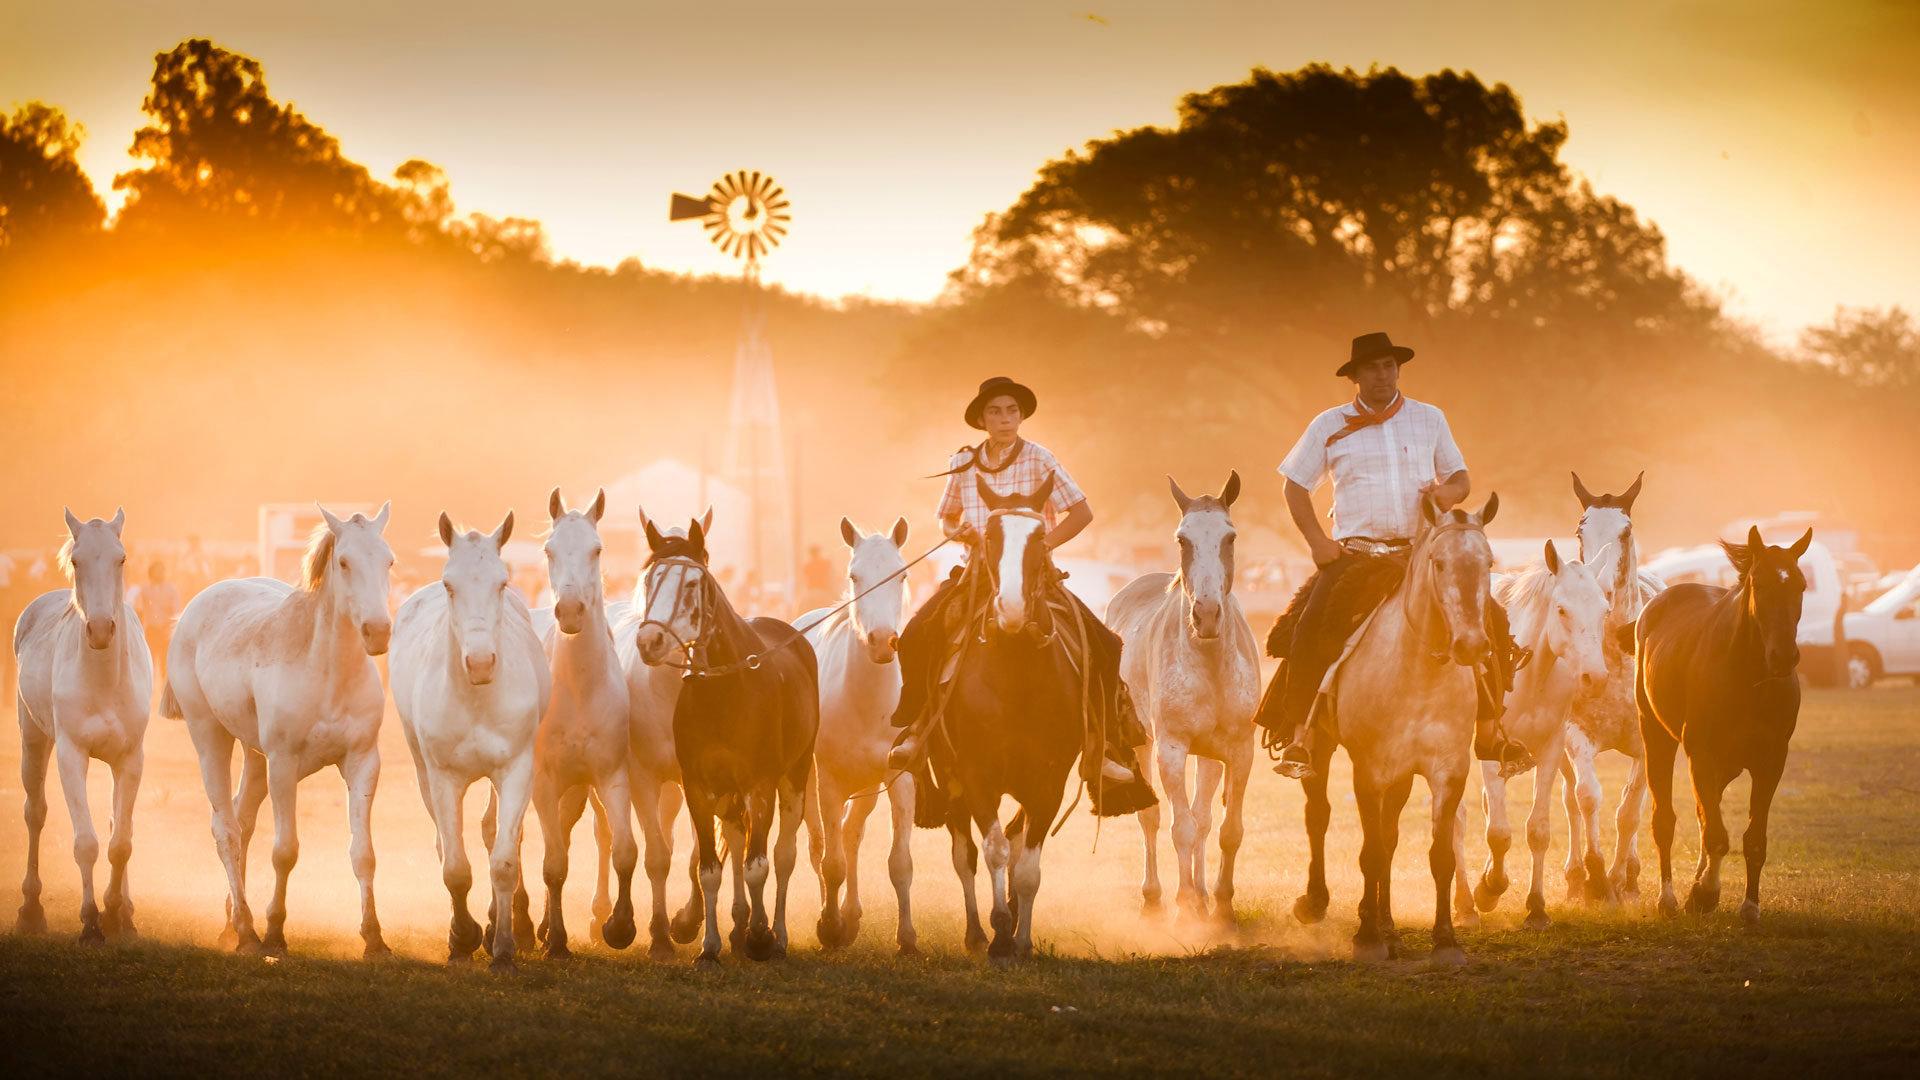 骑马游行的盛大派对